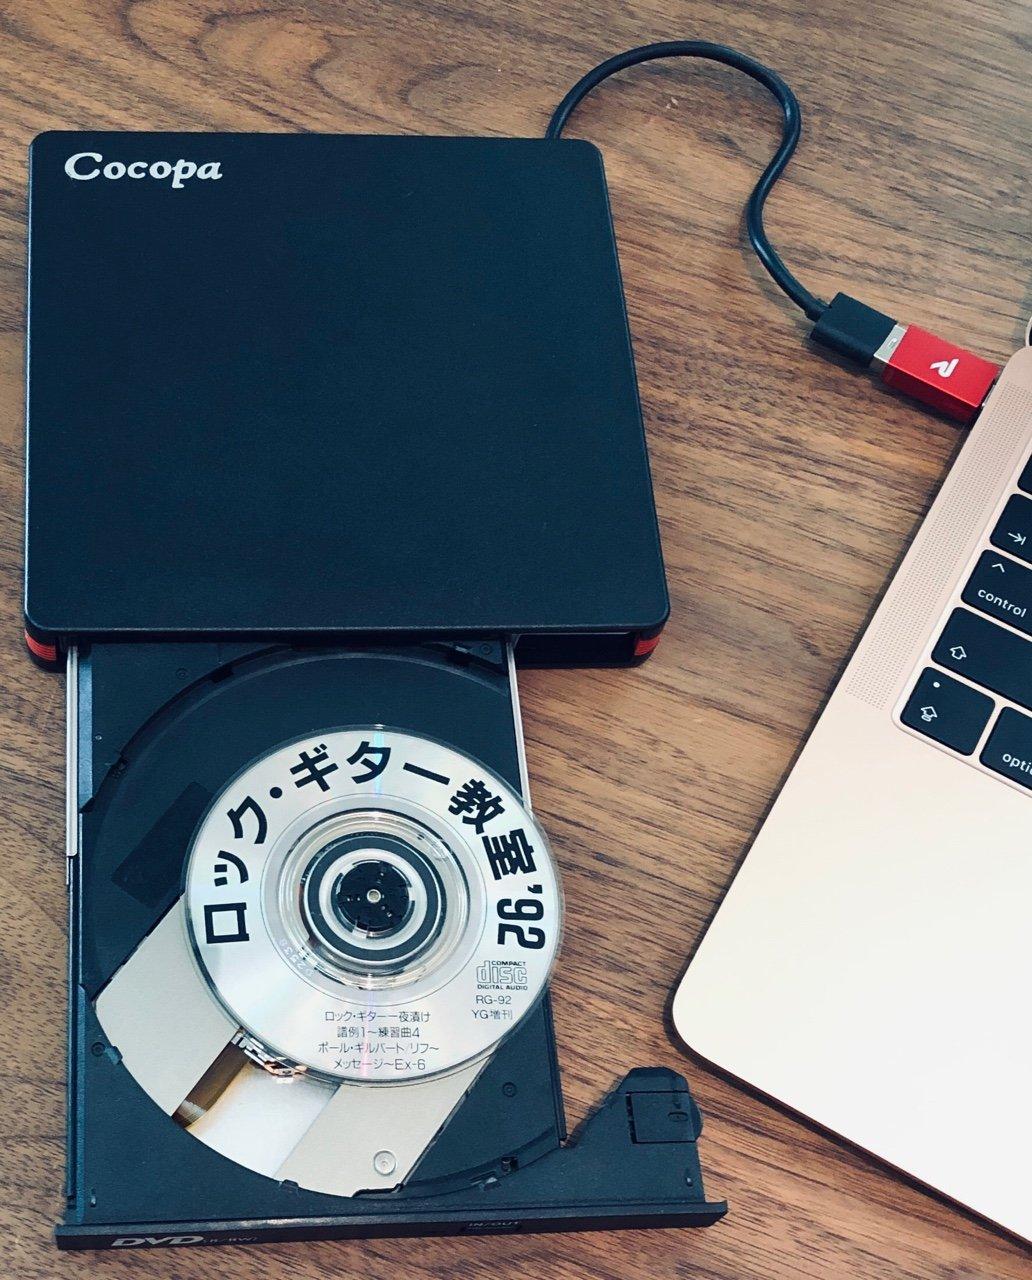 Cocopa CDJP-002 + Rampow USB Type-C to USB 3.0 変換アダプタ + MacBook Air 2018 + iTunes で CD をリッピング。普通の CD (12cm CD) も Mini CD (8センチCD) も使えた。ただリッピング後にランプがつかなくなって前面のスイッチを押してもCDが出てこなかった。macOS側の取り出し操作で出せたけど。 https://t.co/MvXROTpgvy